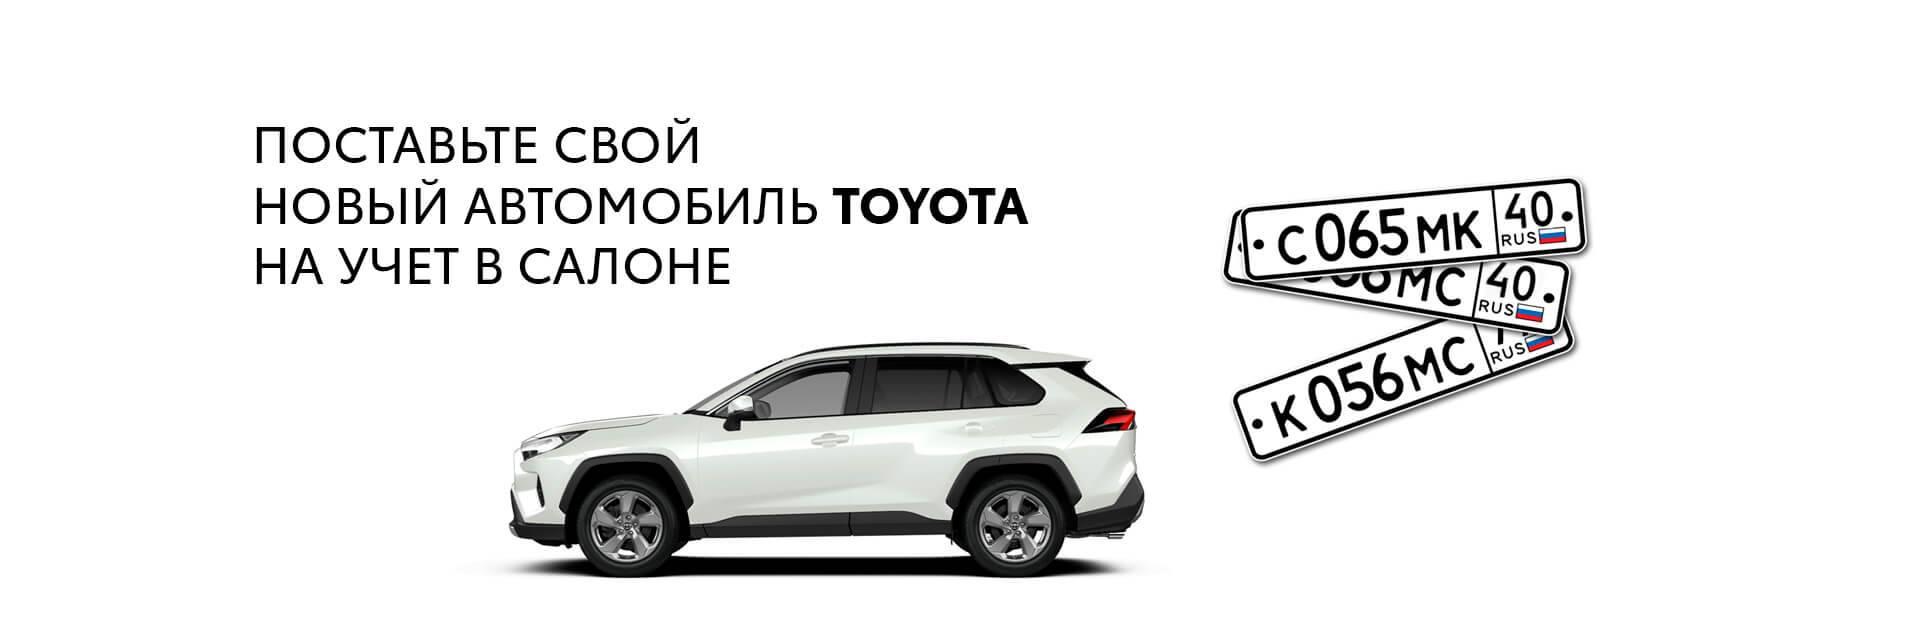 Поставьте свой новый автомобиль TOYOTA на учет в салоне